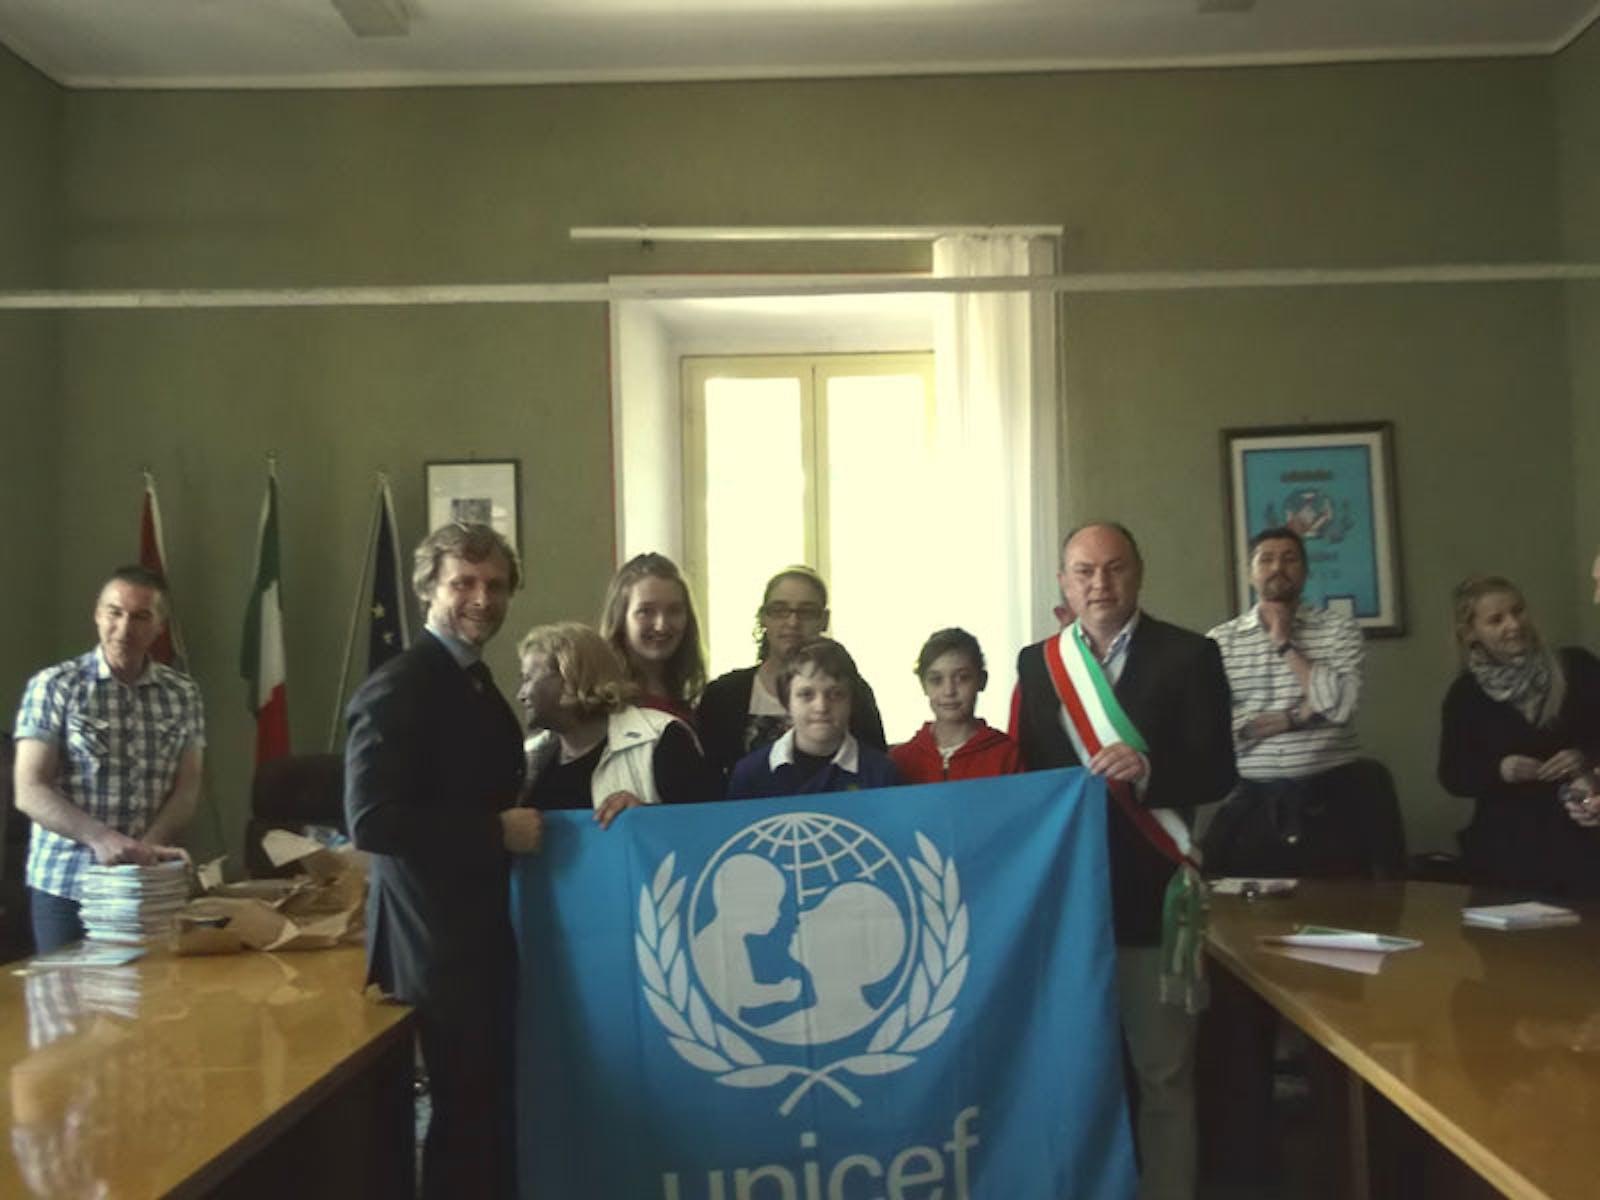 Tolfa (RM), cittadinanza onoraria a 5 bambini di origine straniera